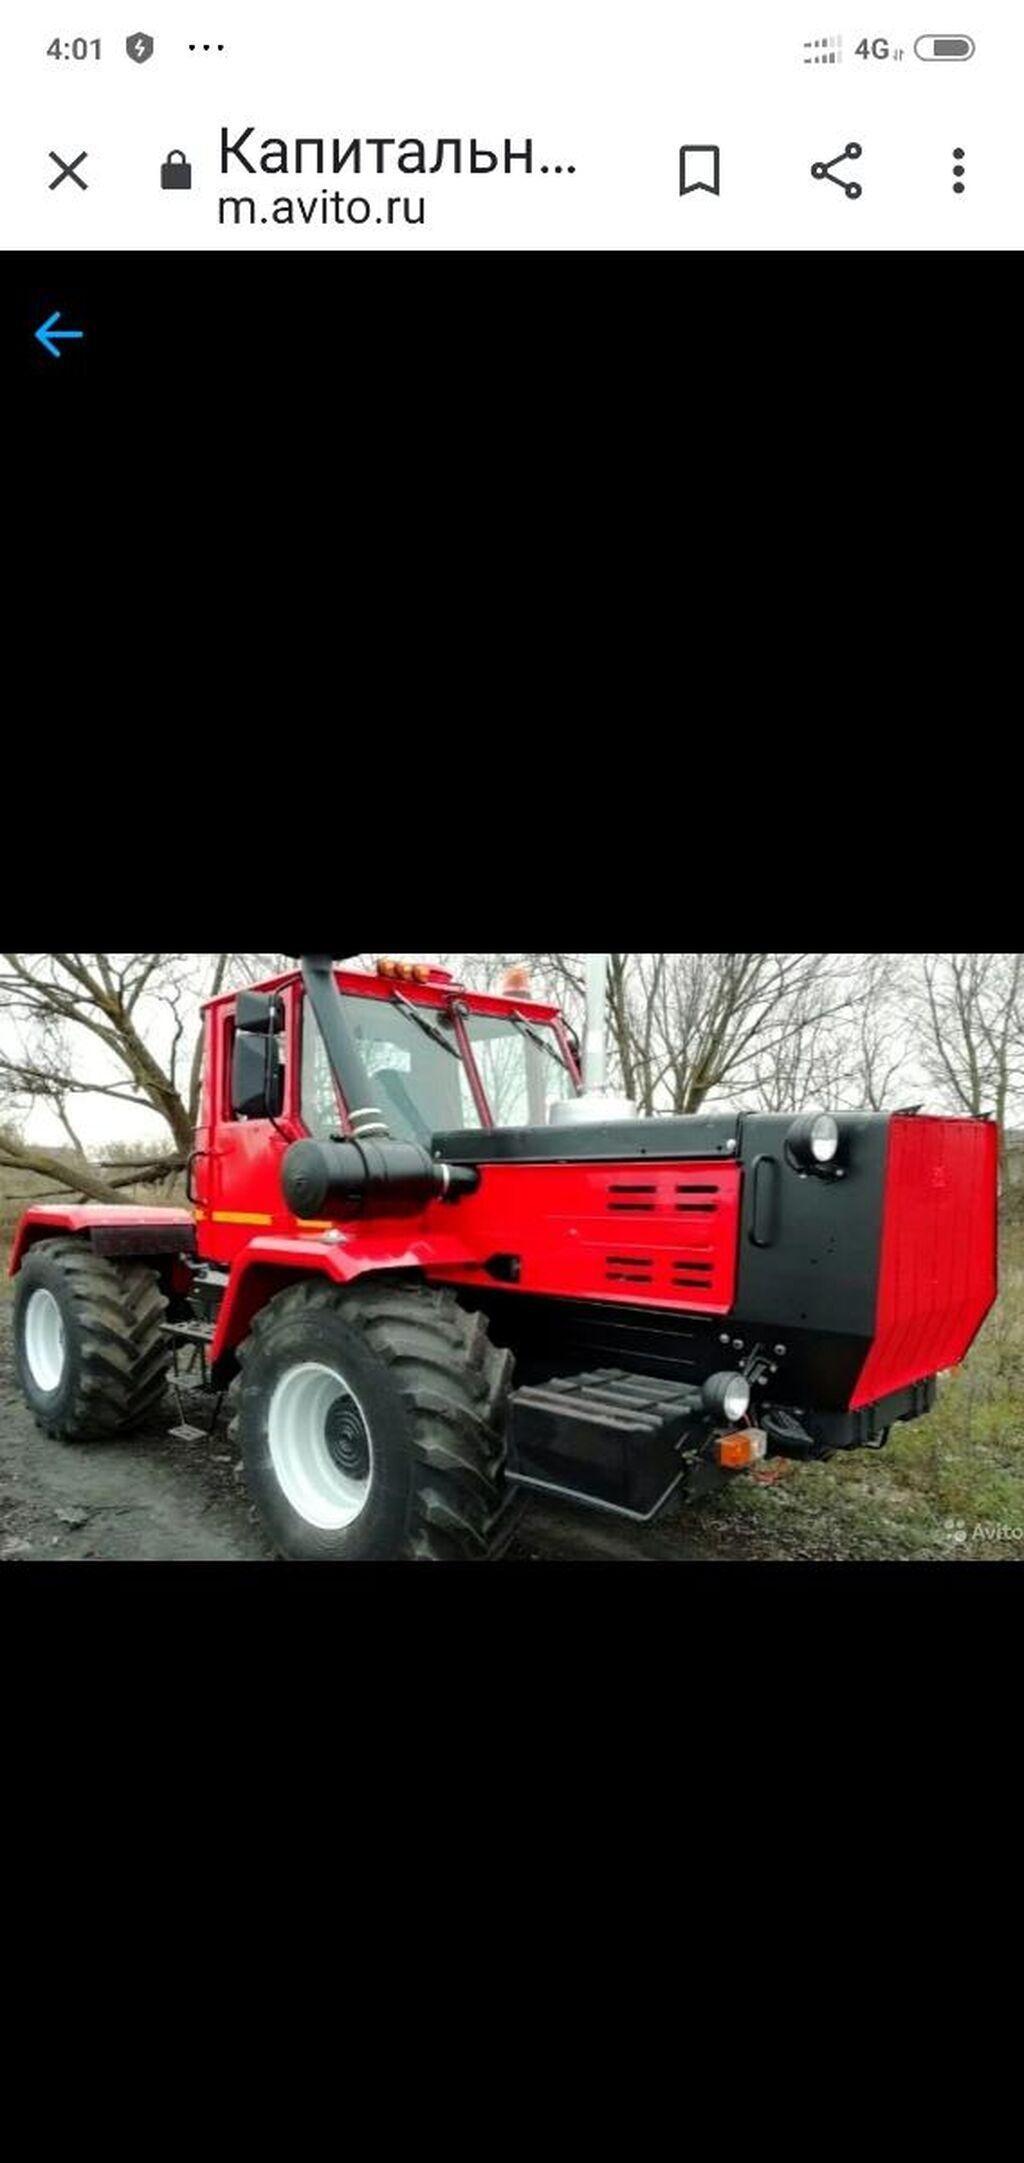 Куплю трактор ХТЗ Т 150 в нерабочем состояние желательно чтоб был только двигатель не исправен!